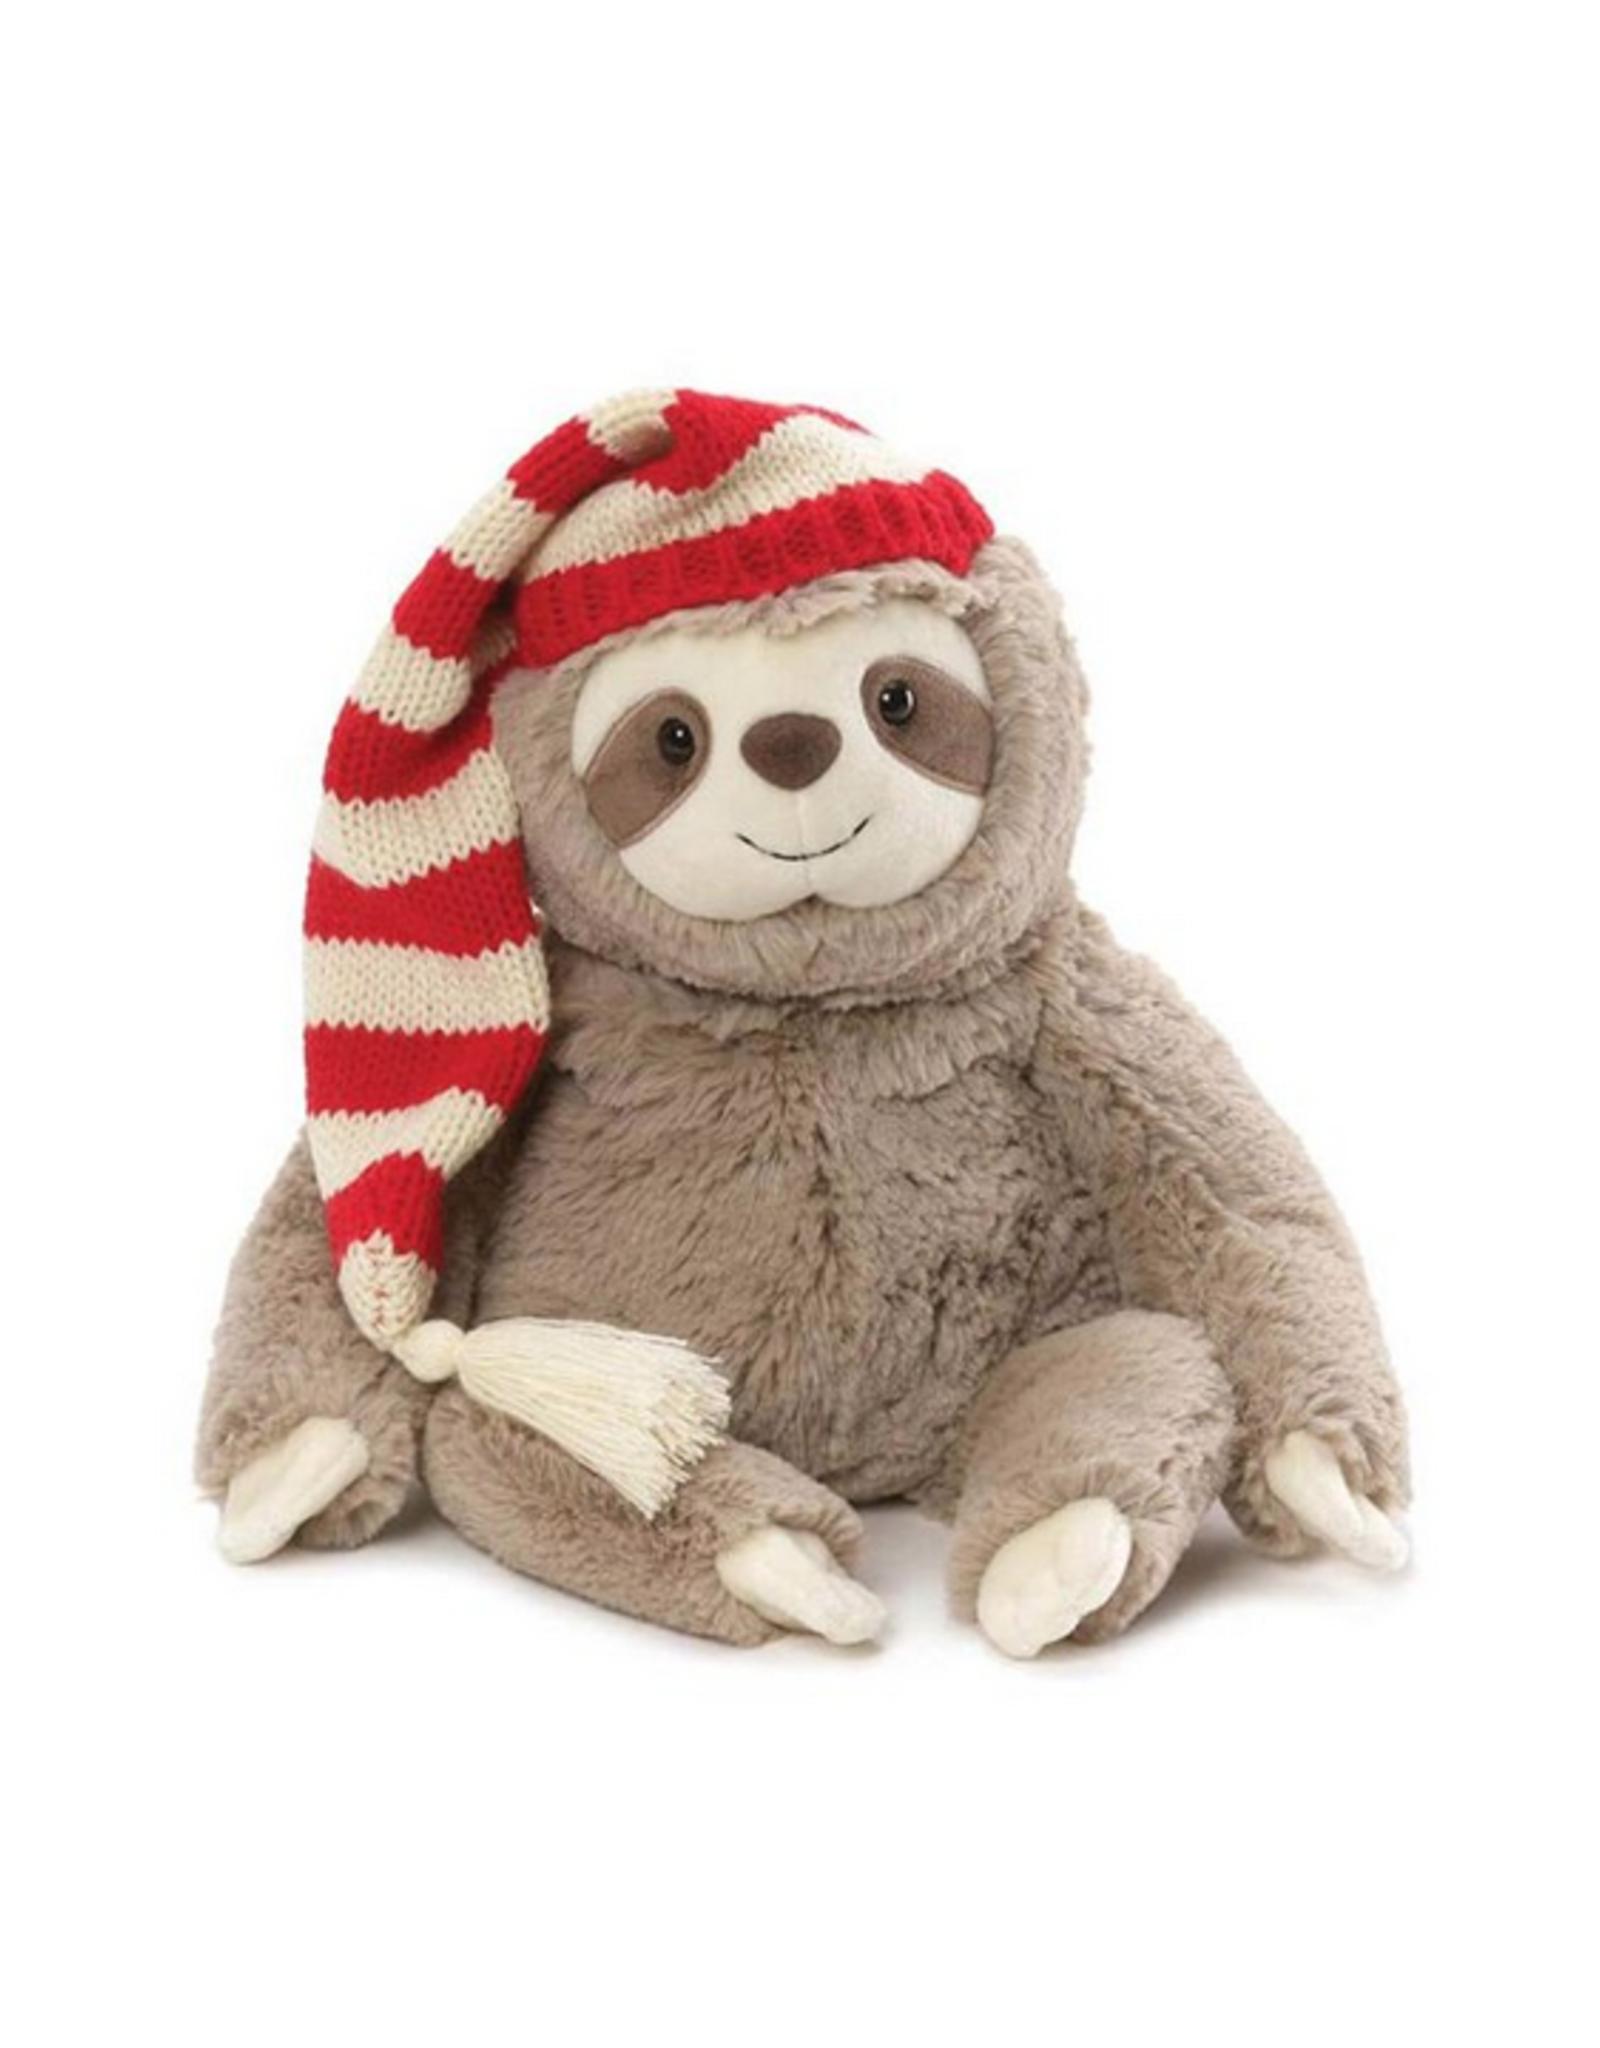 Sammy the Sloth Plush